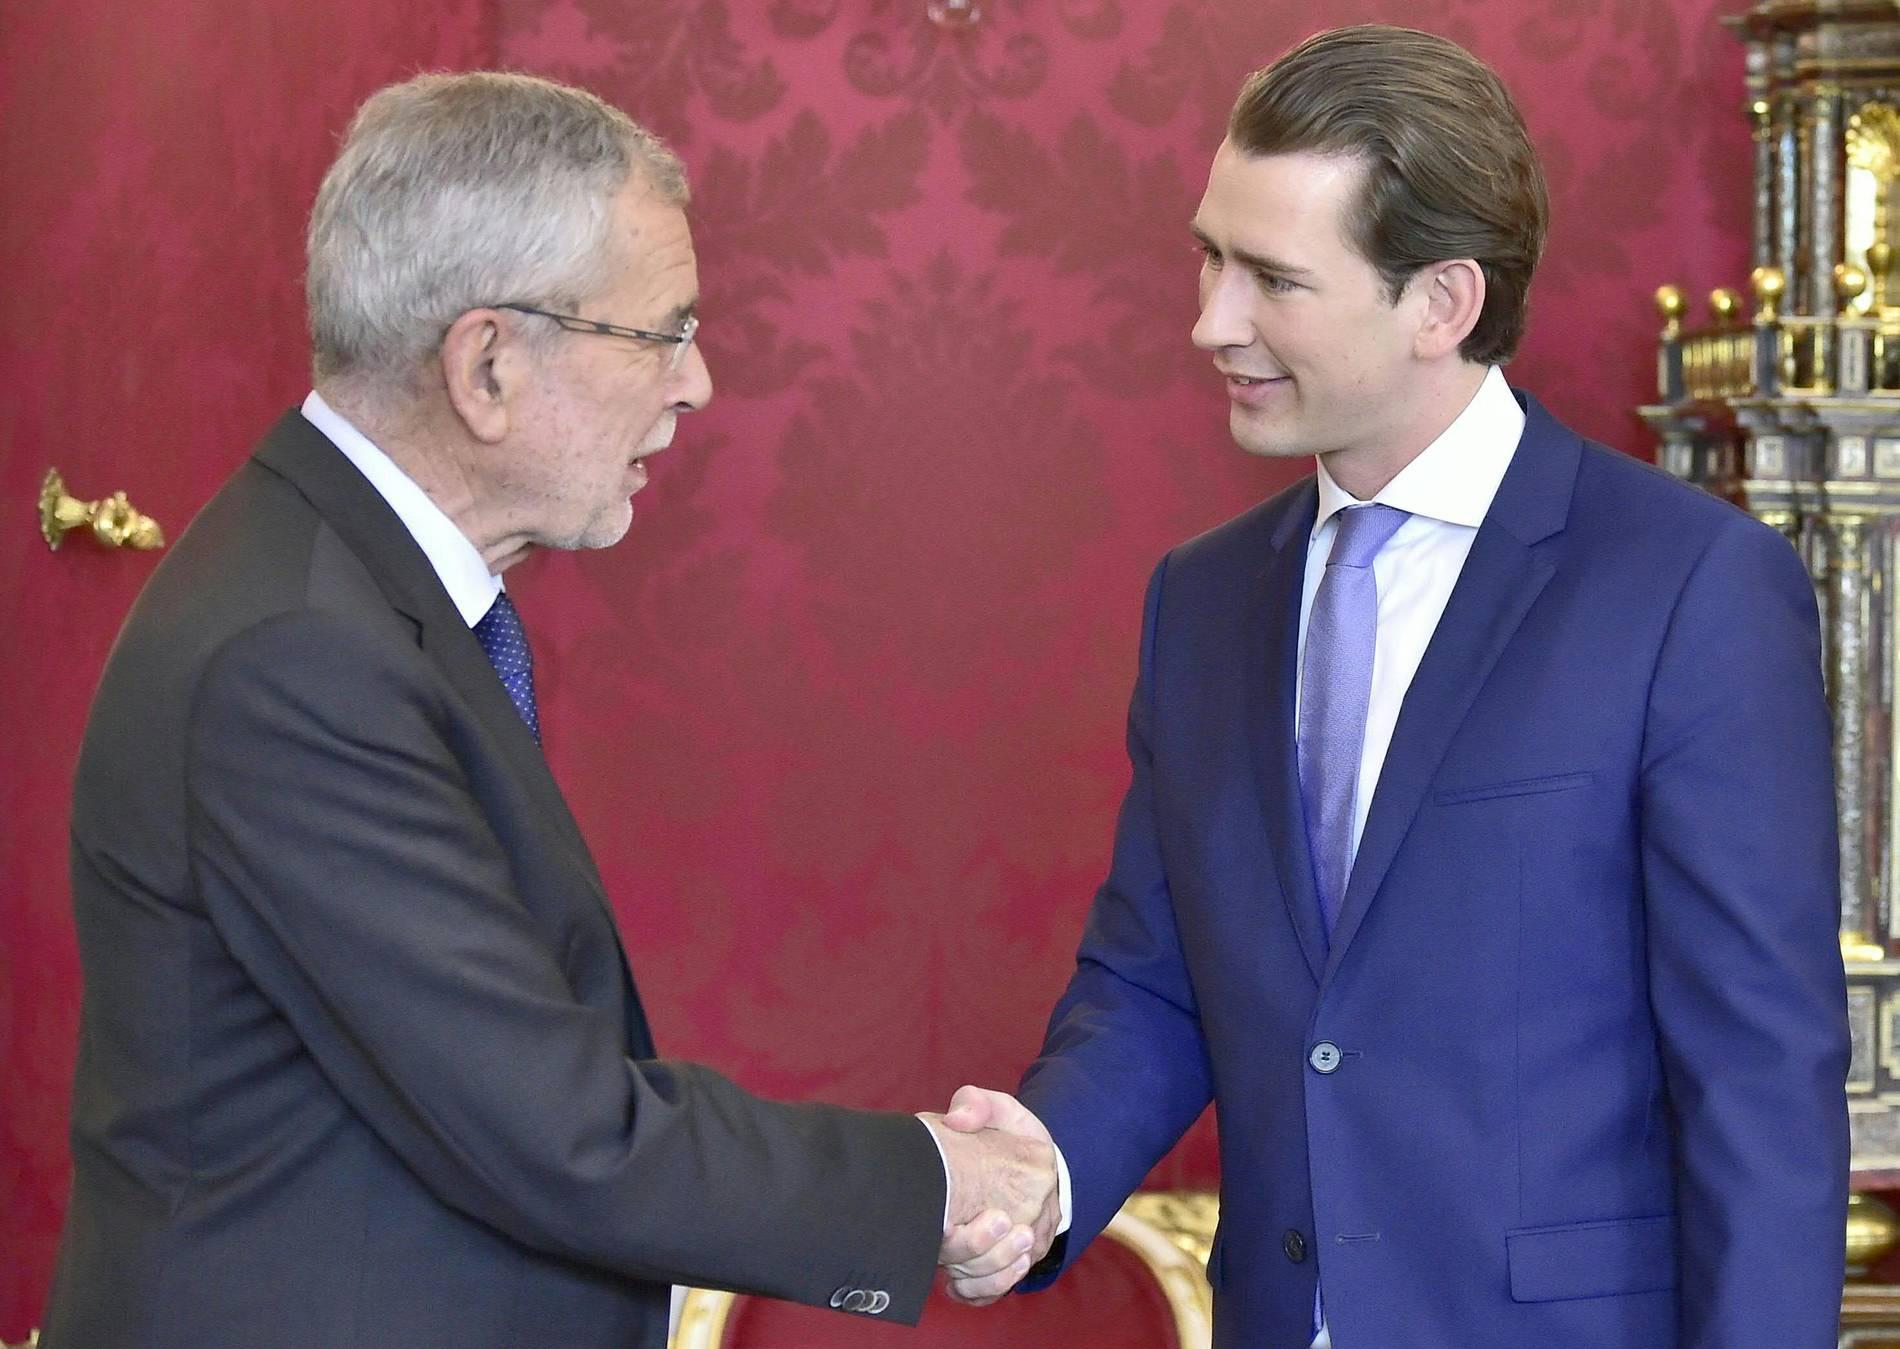 Kanzler Sebastian Kurz (ÖVP) will baldige Neuwahlen in Österreich